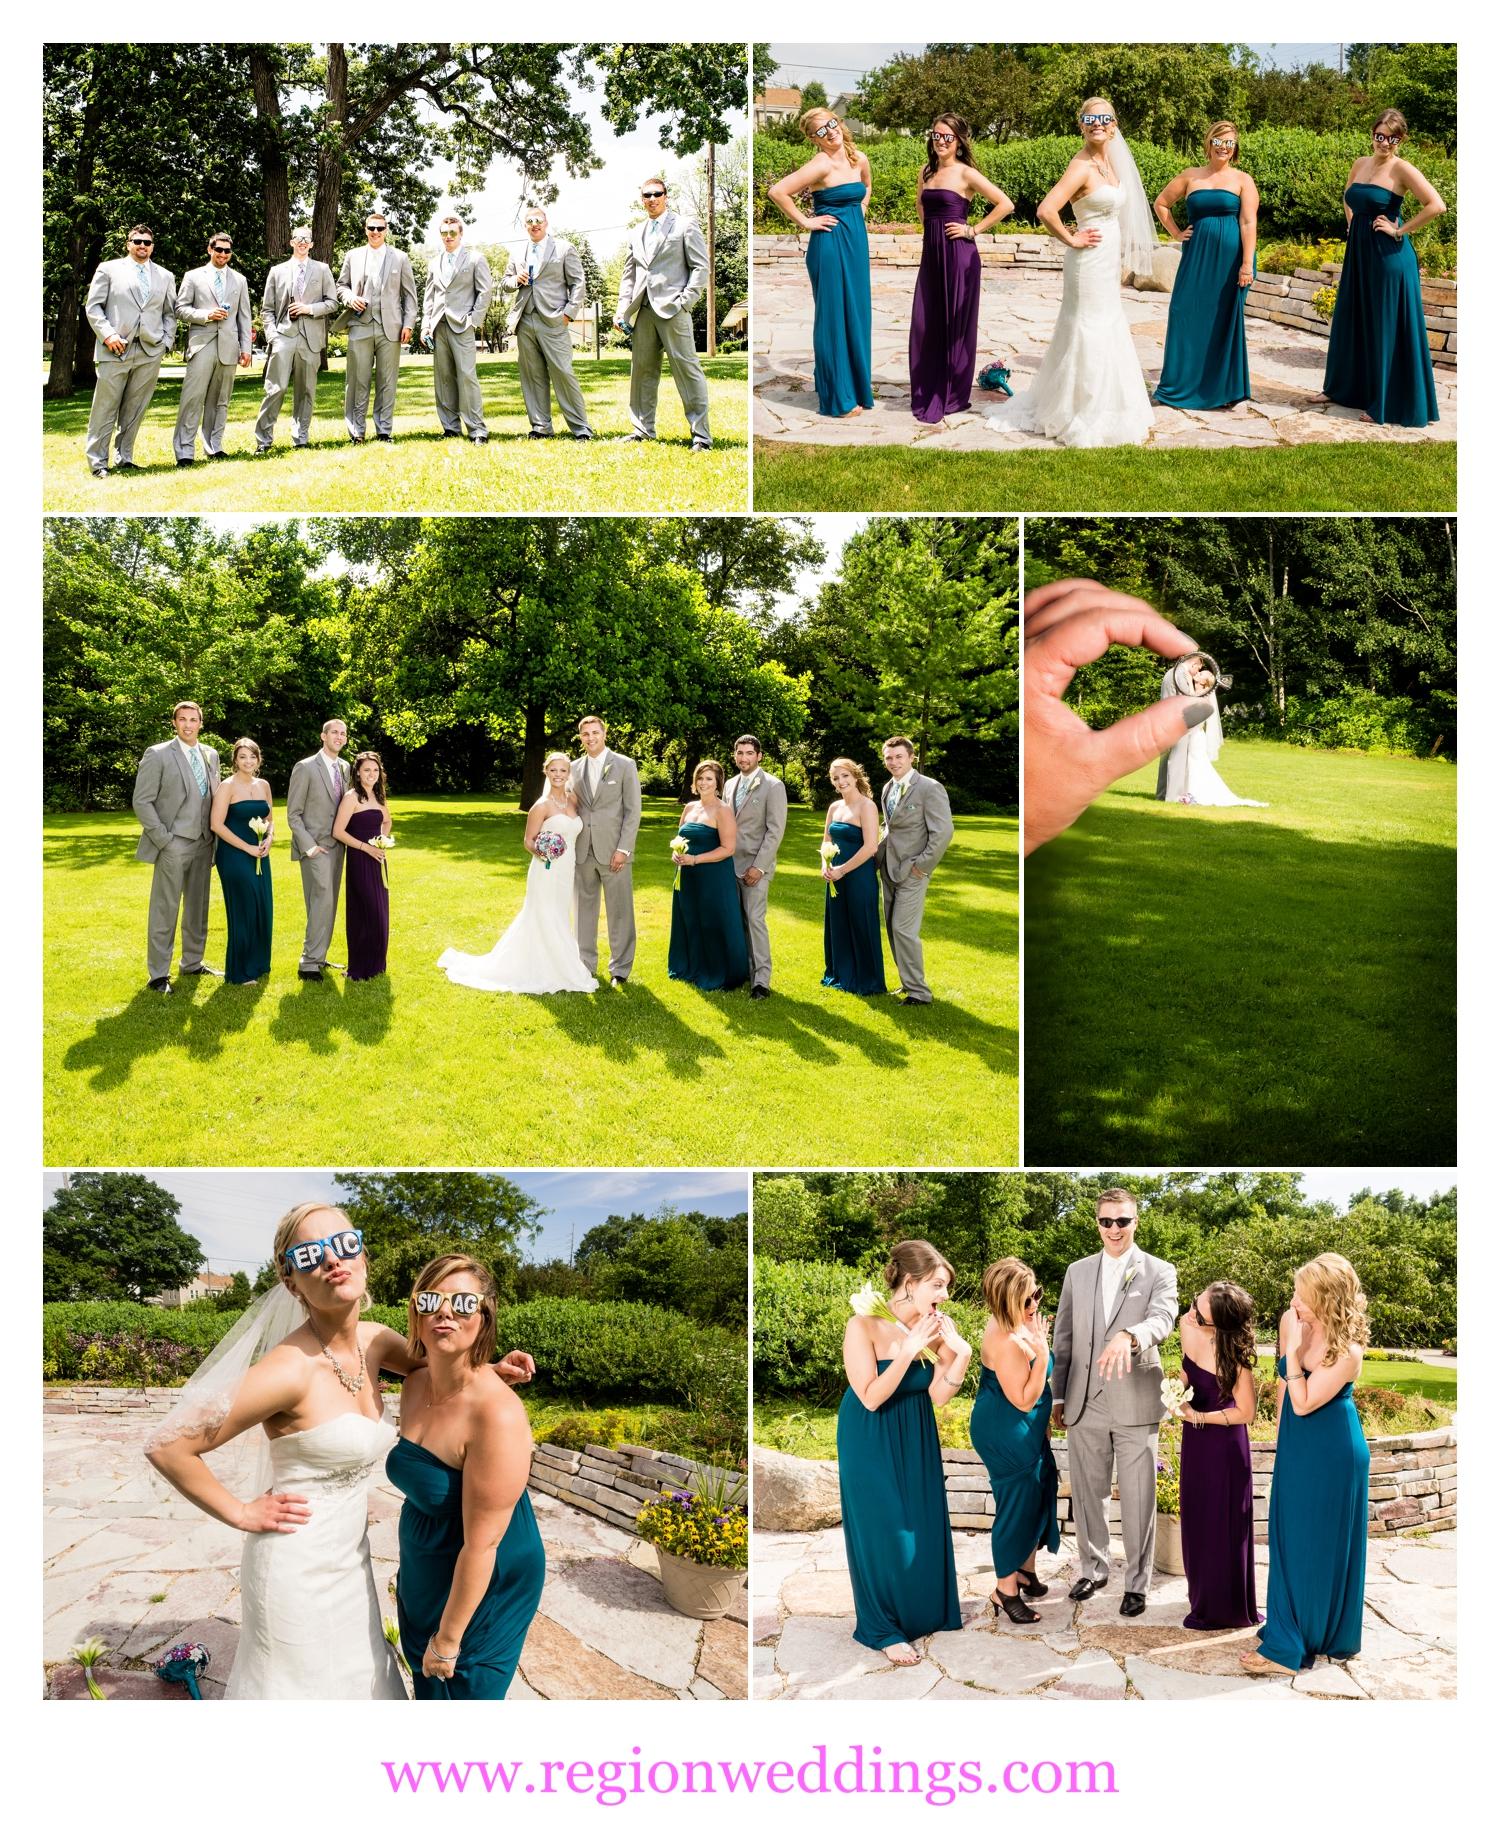 Fun wedding photos at Ogden Garden in Valparaiso, Indiana.